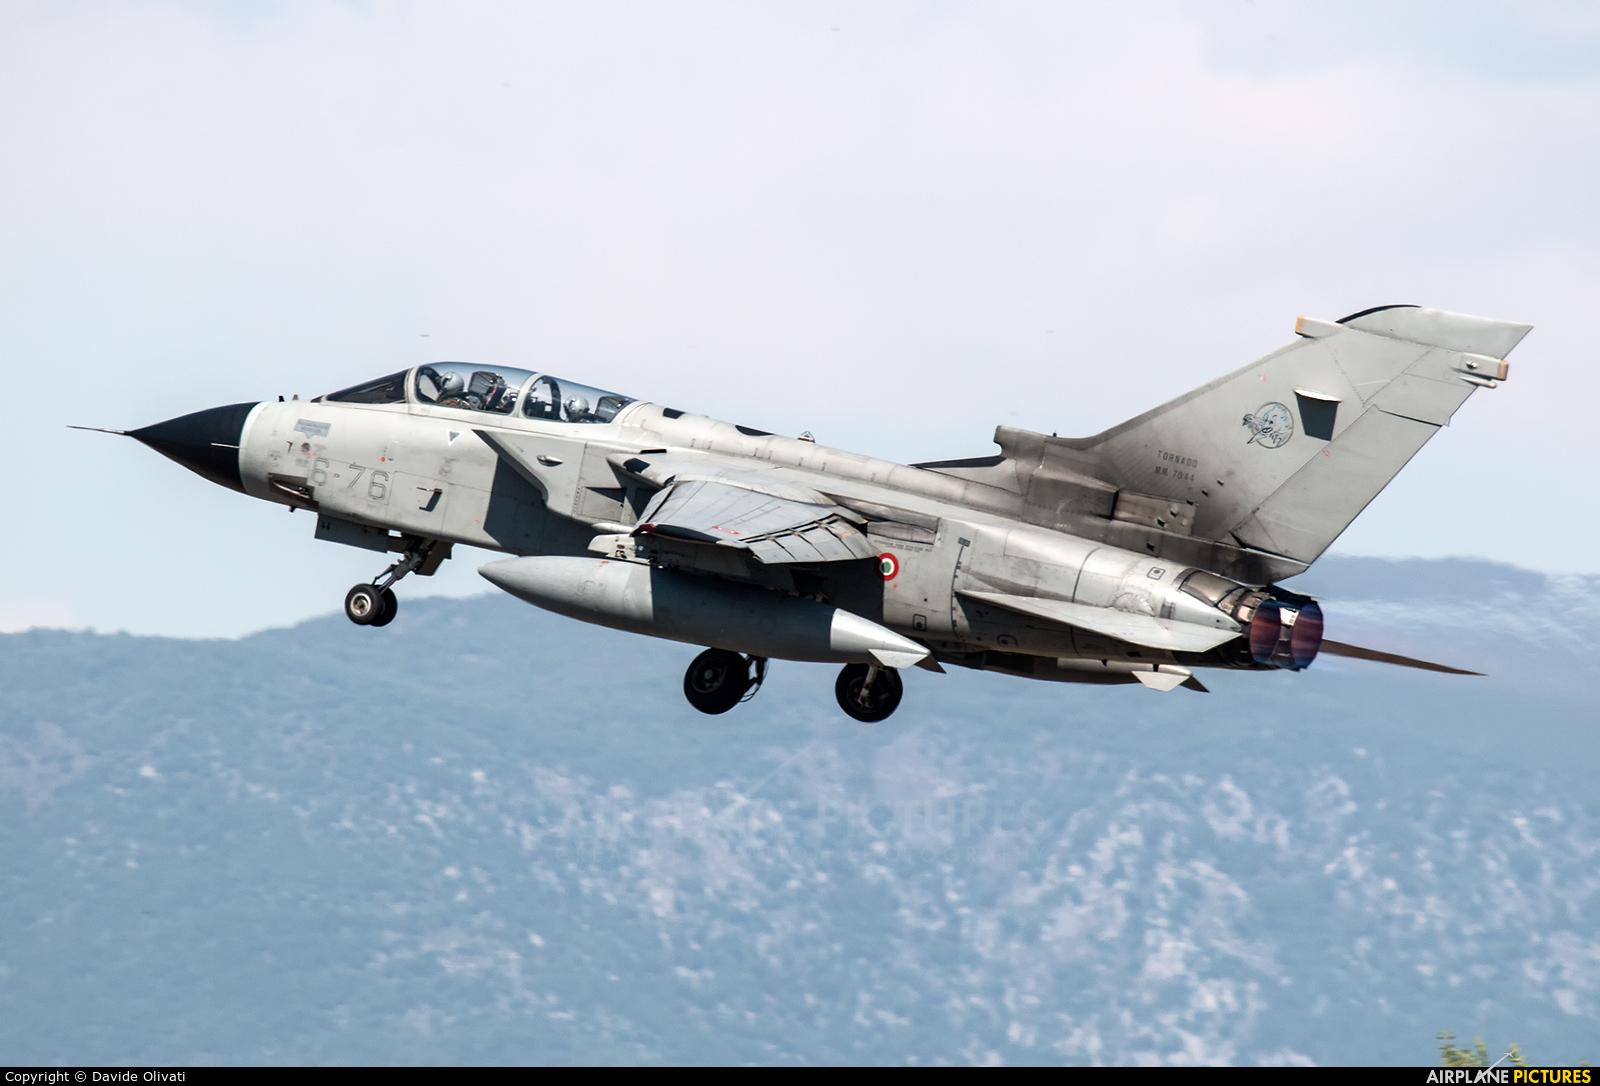 Italy - Air Force MM7044 aircraft at Ghedi